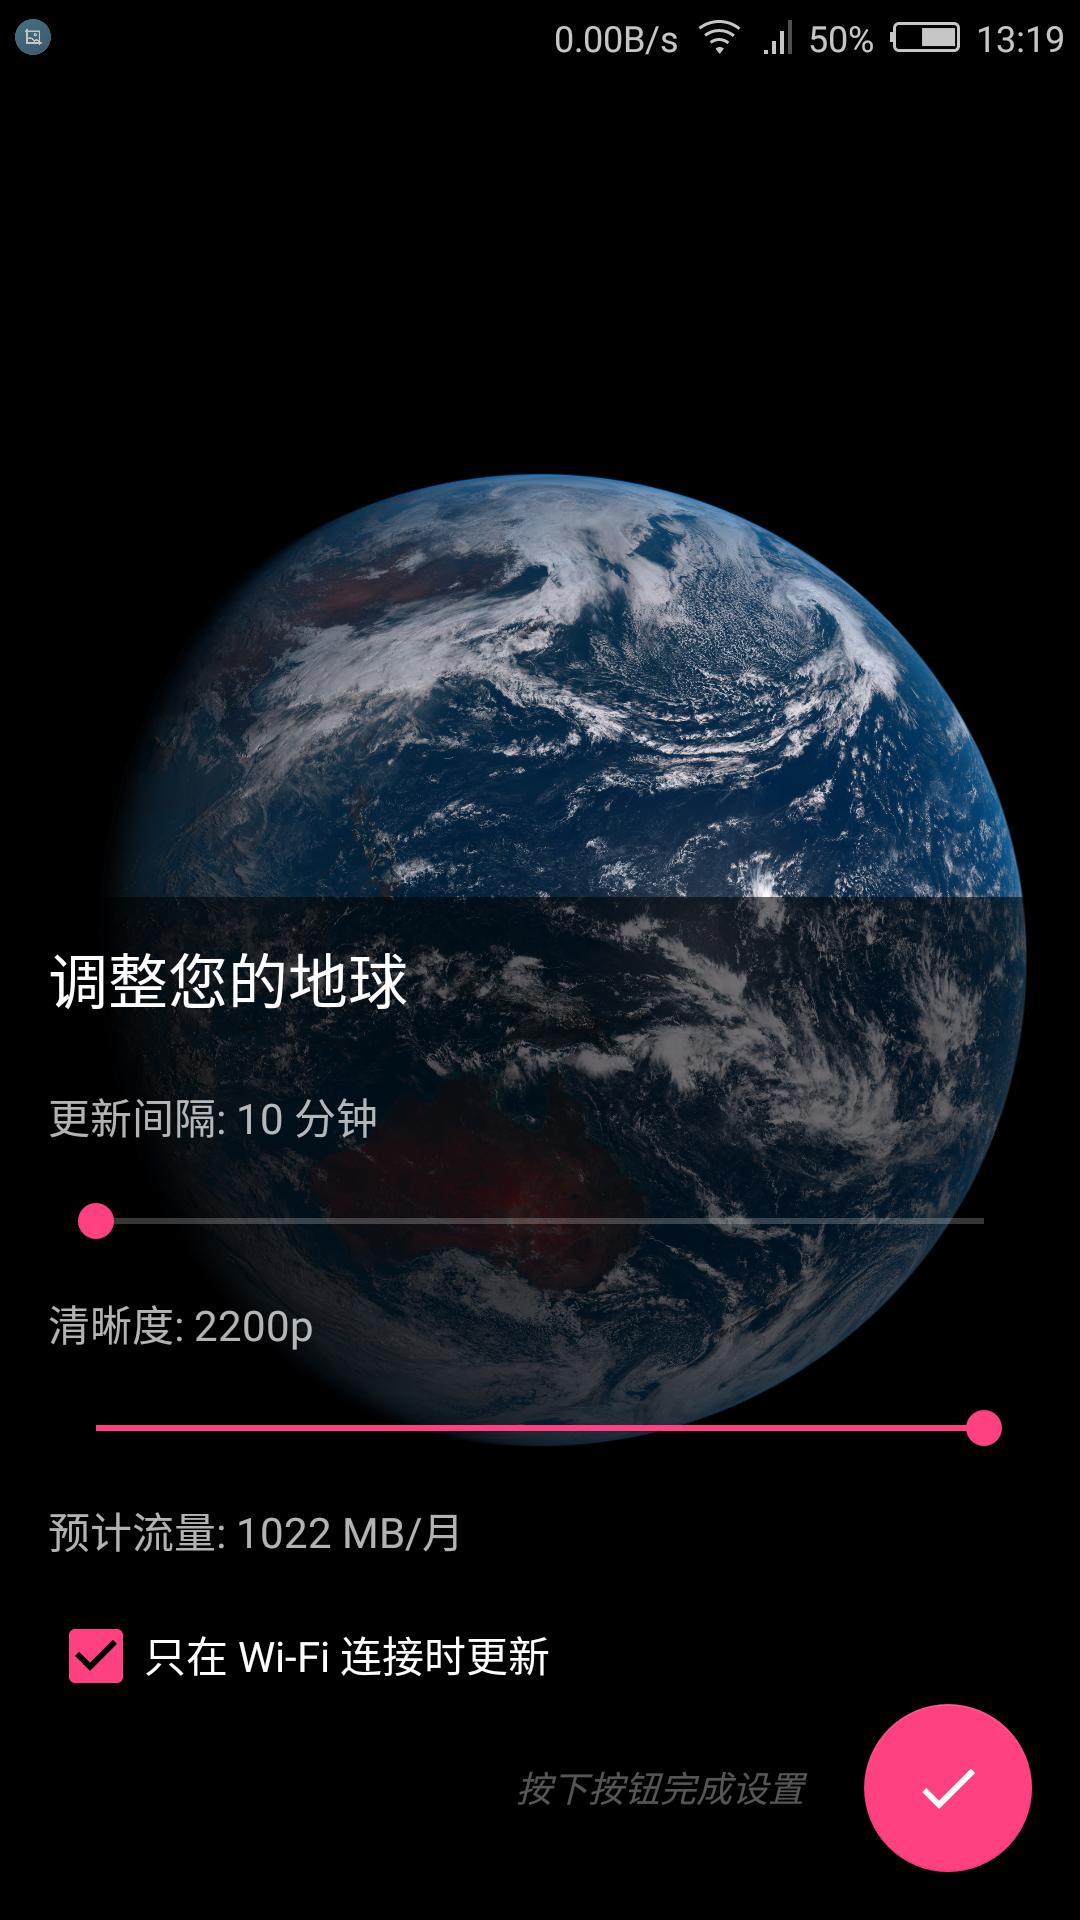 【资源组】馒头地球 手机壁纸主题